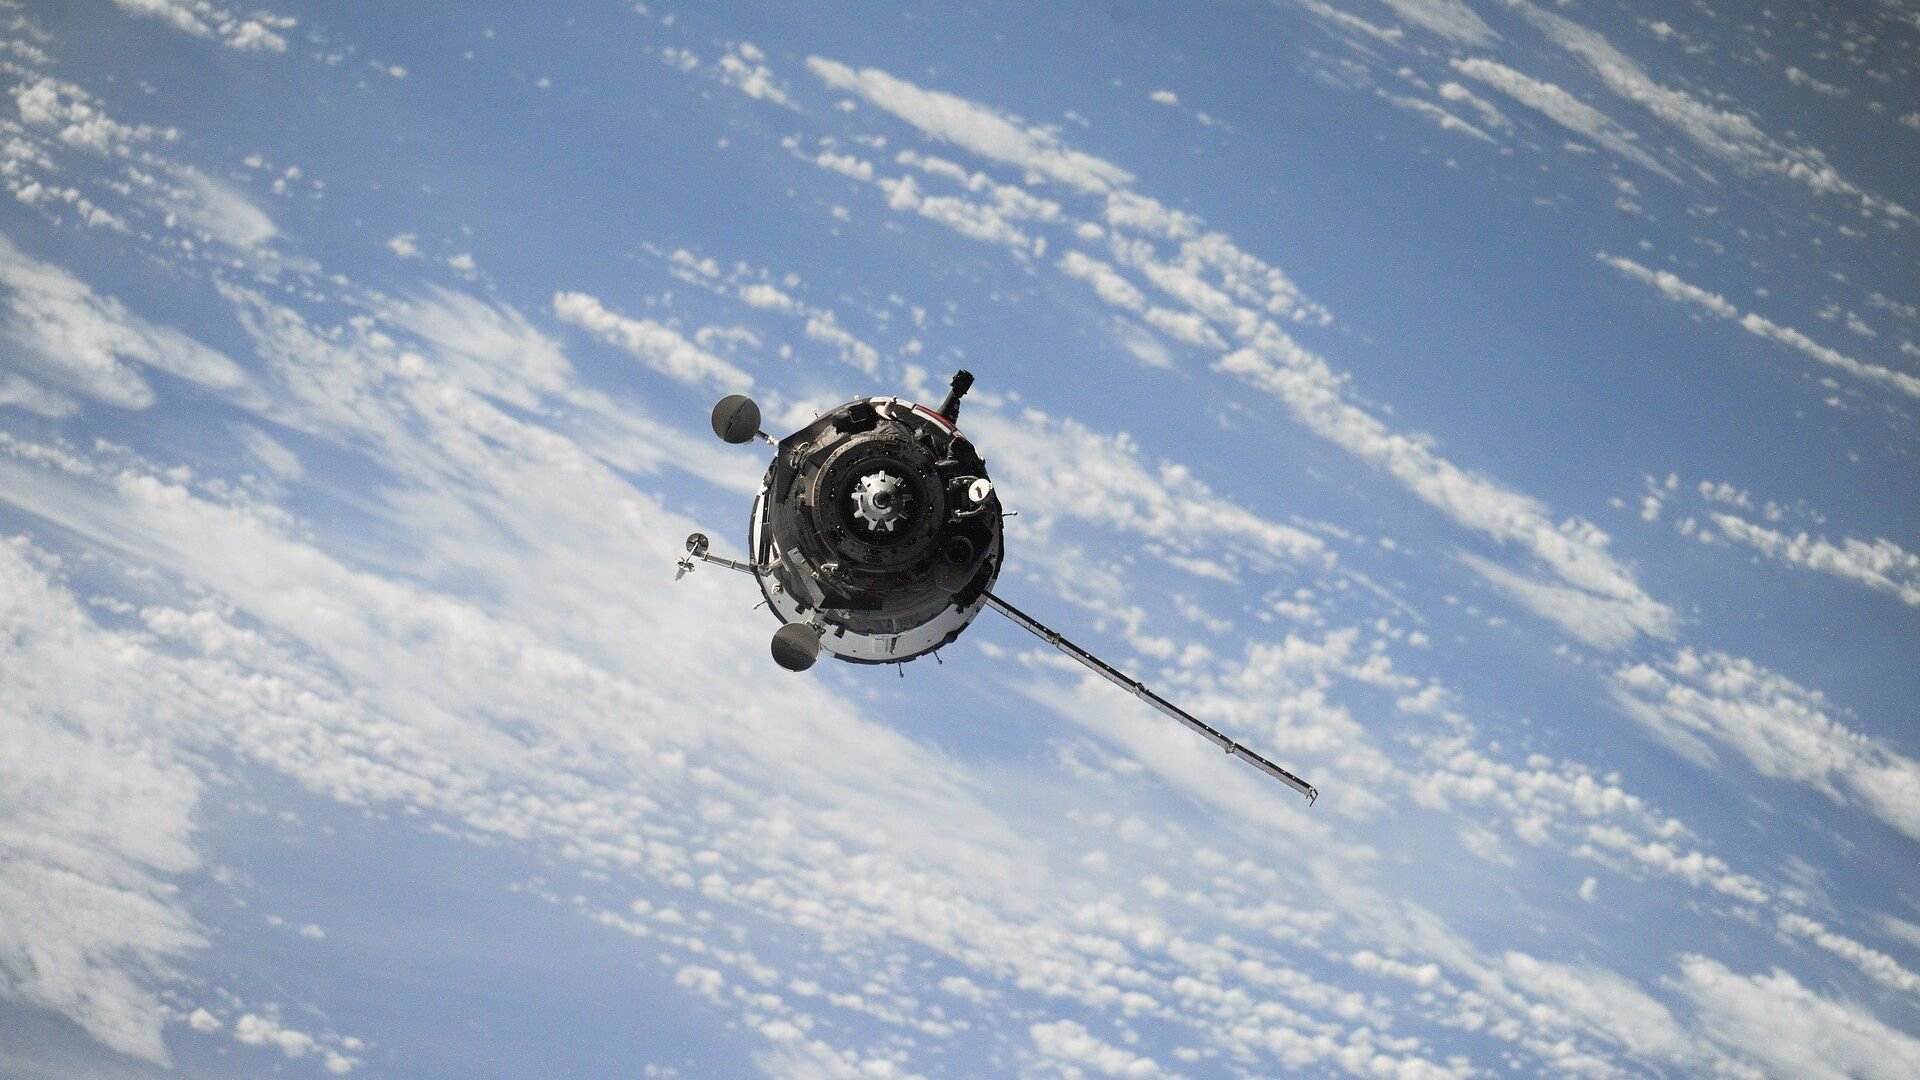 Un satélite (imagen referencial) - Sputnik Mundo, 1920, 04.12.2019